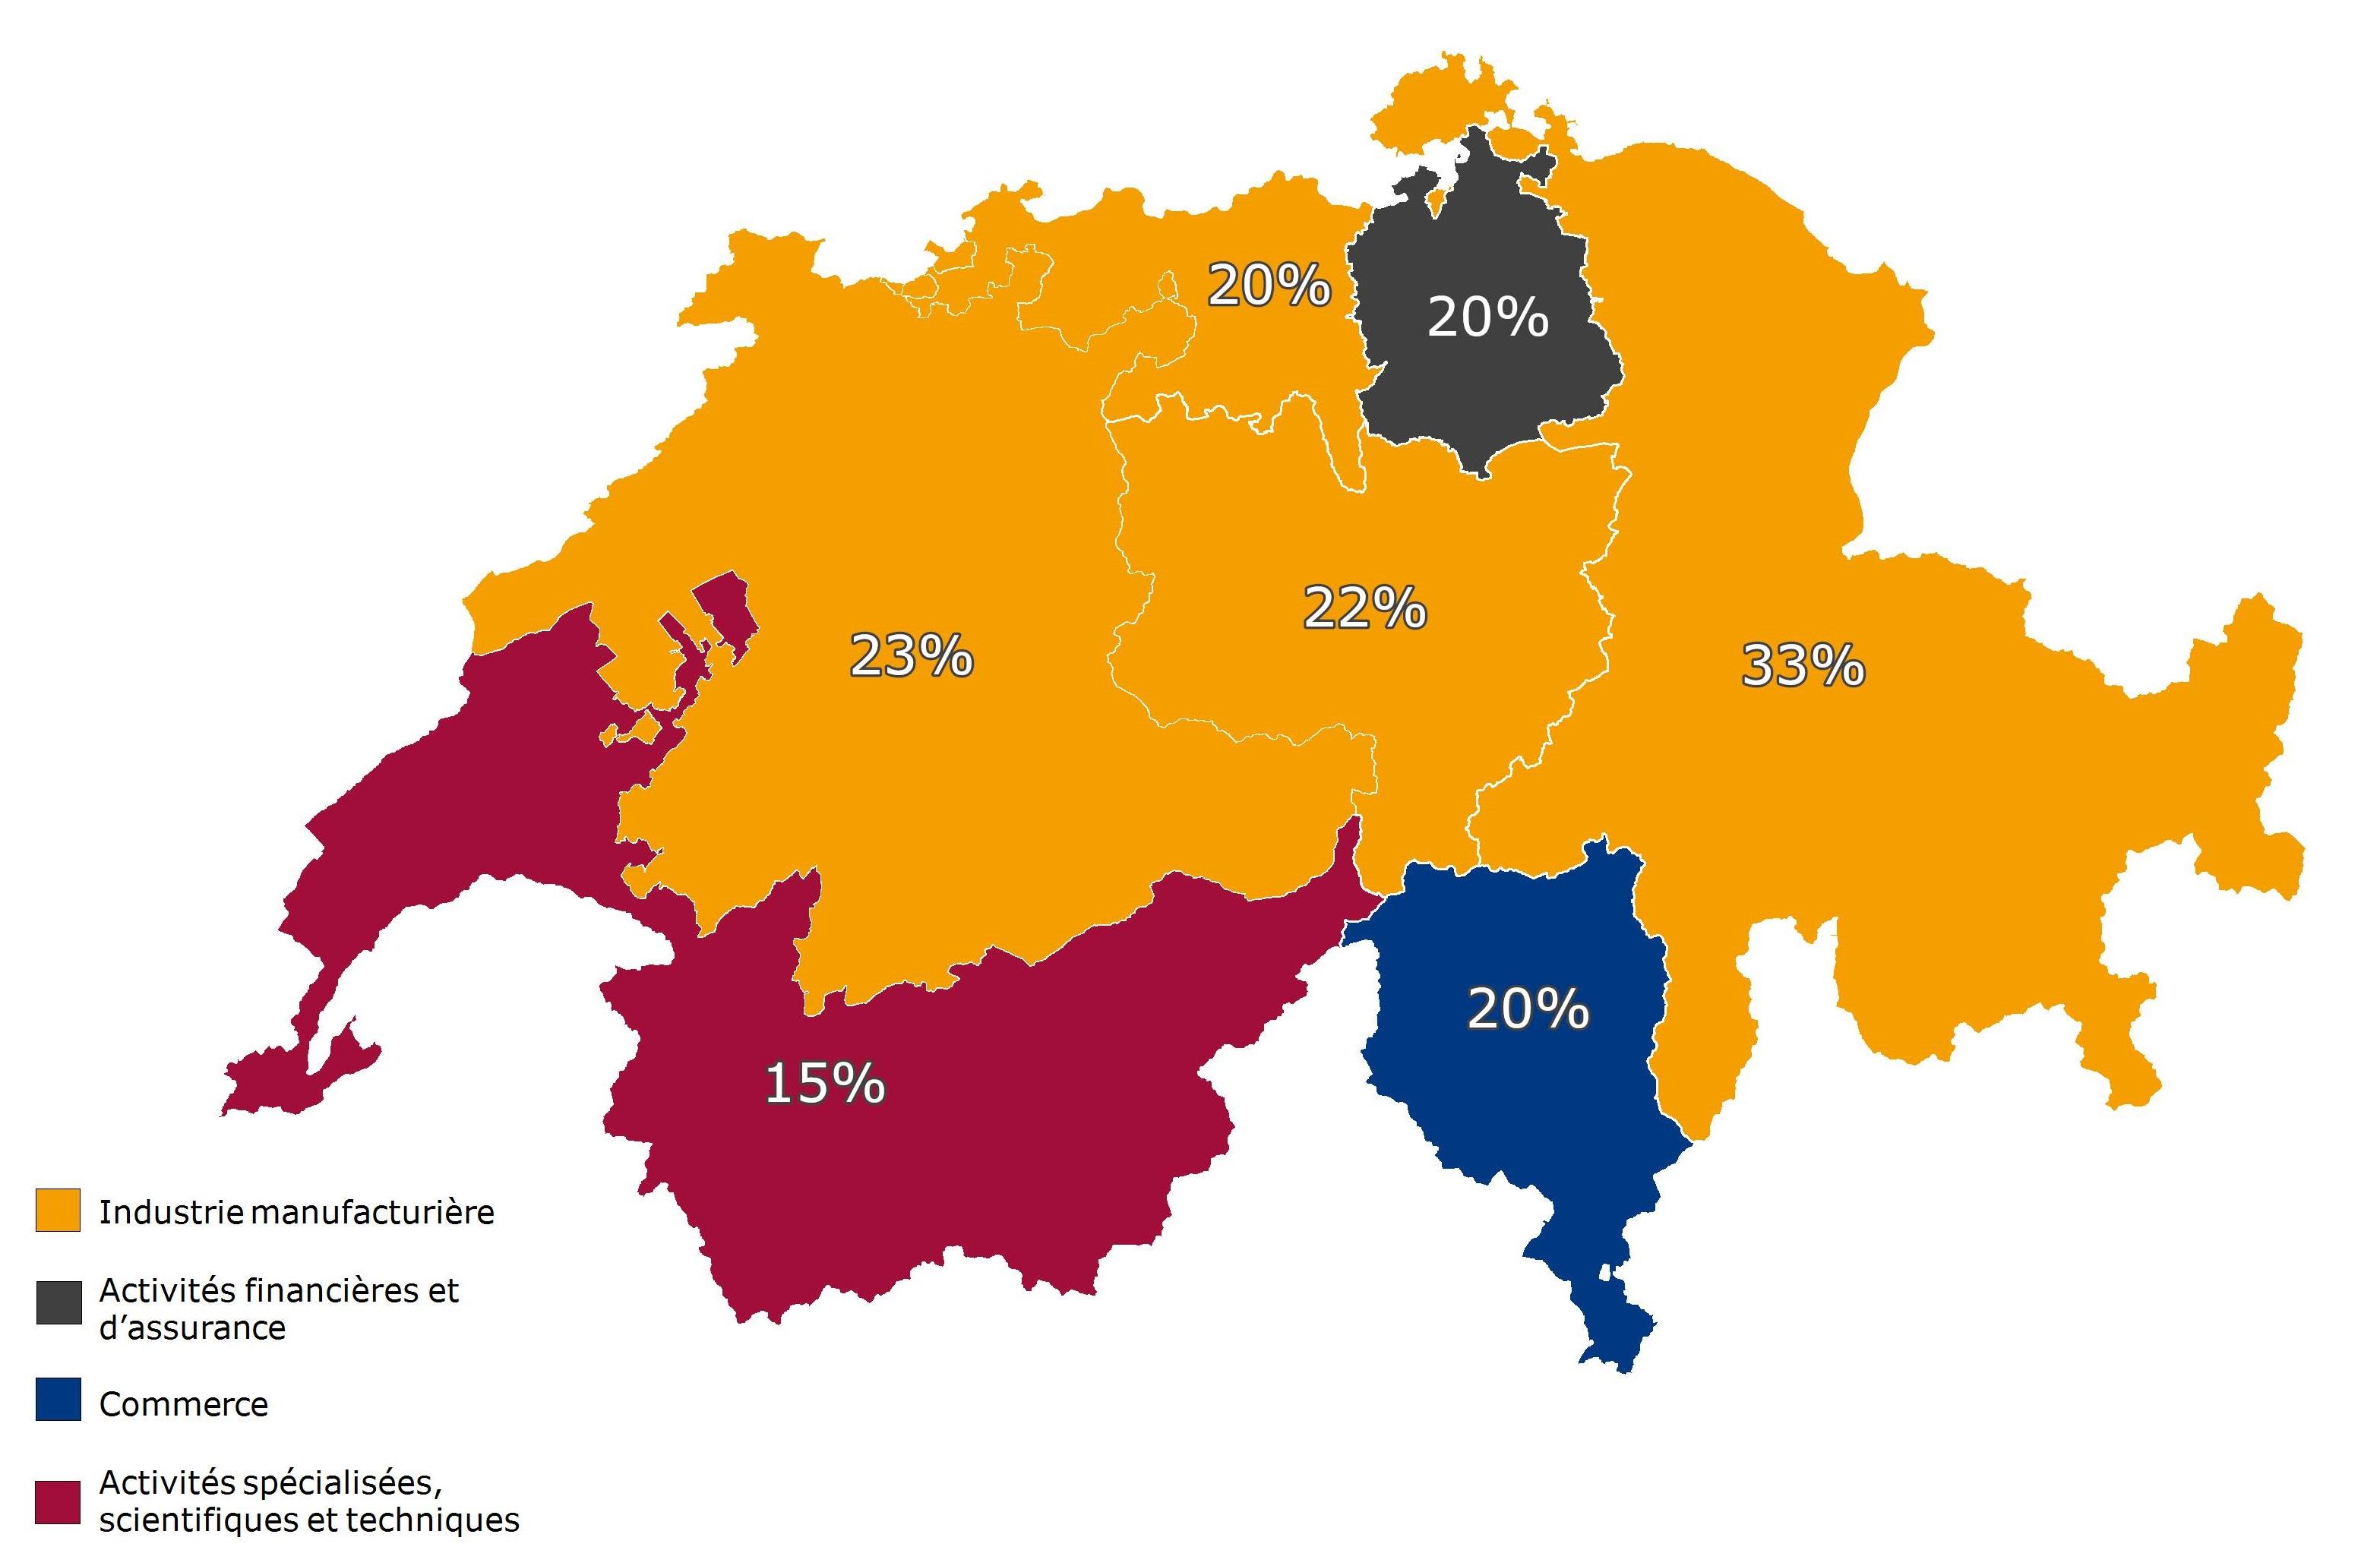 secteur d'activité dominant suisse